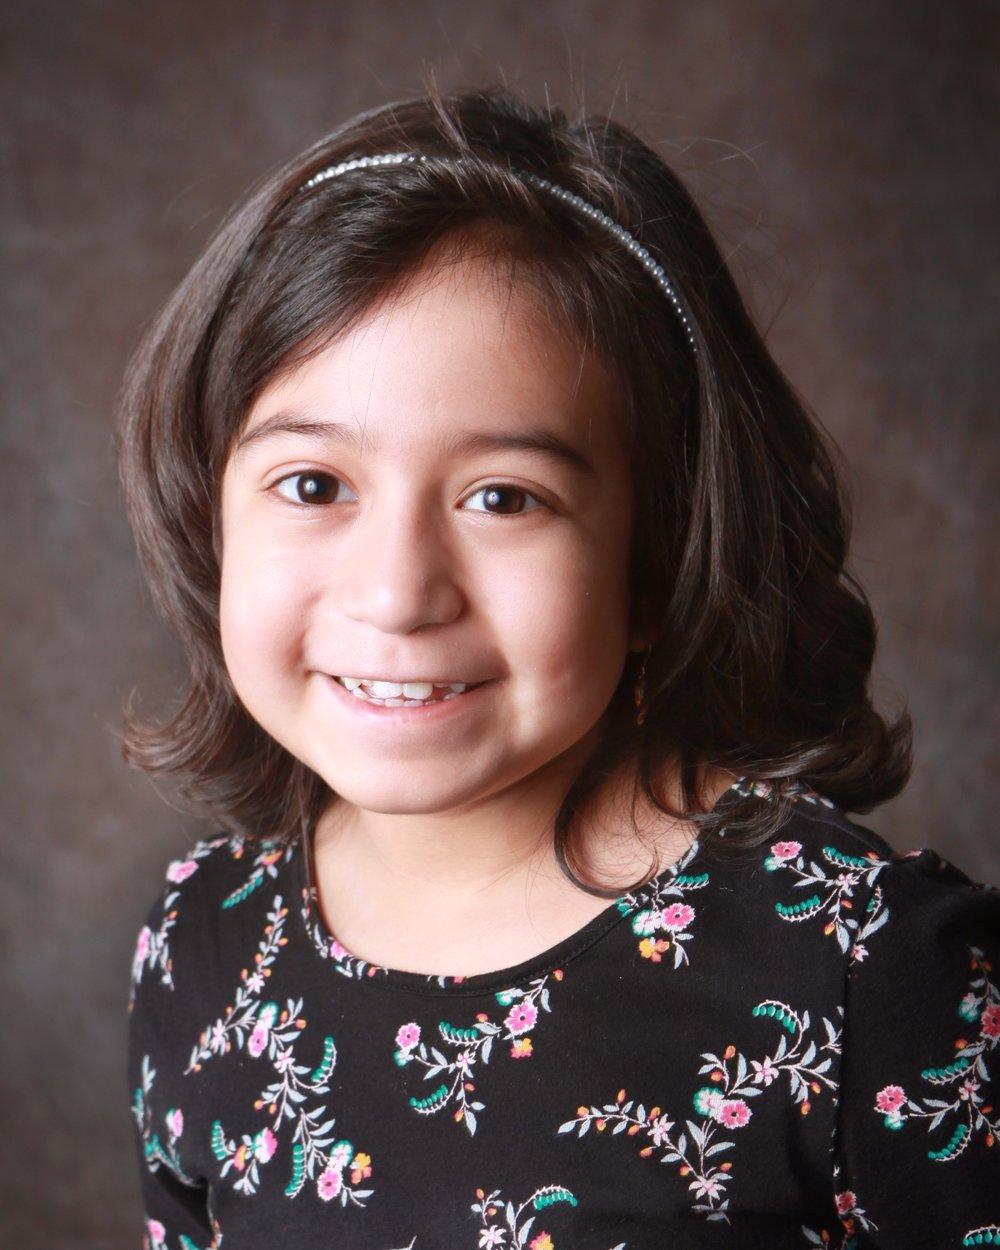 Elizabeth Flores, 7, Frisco